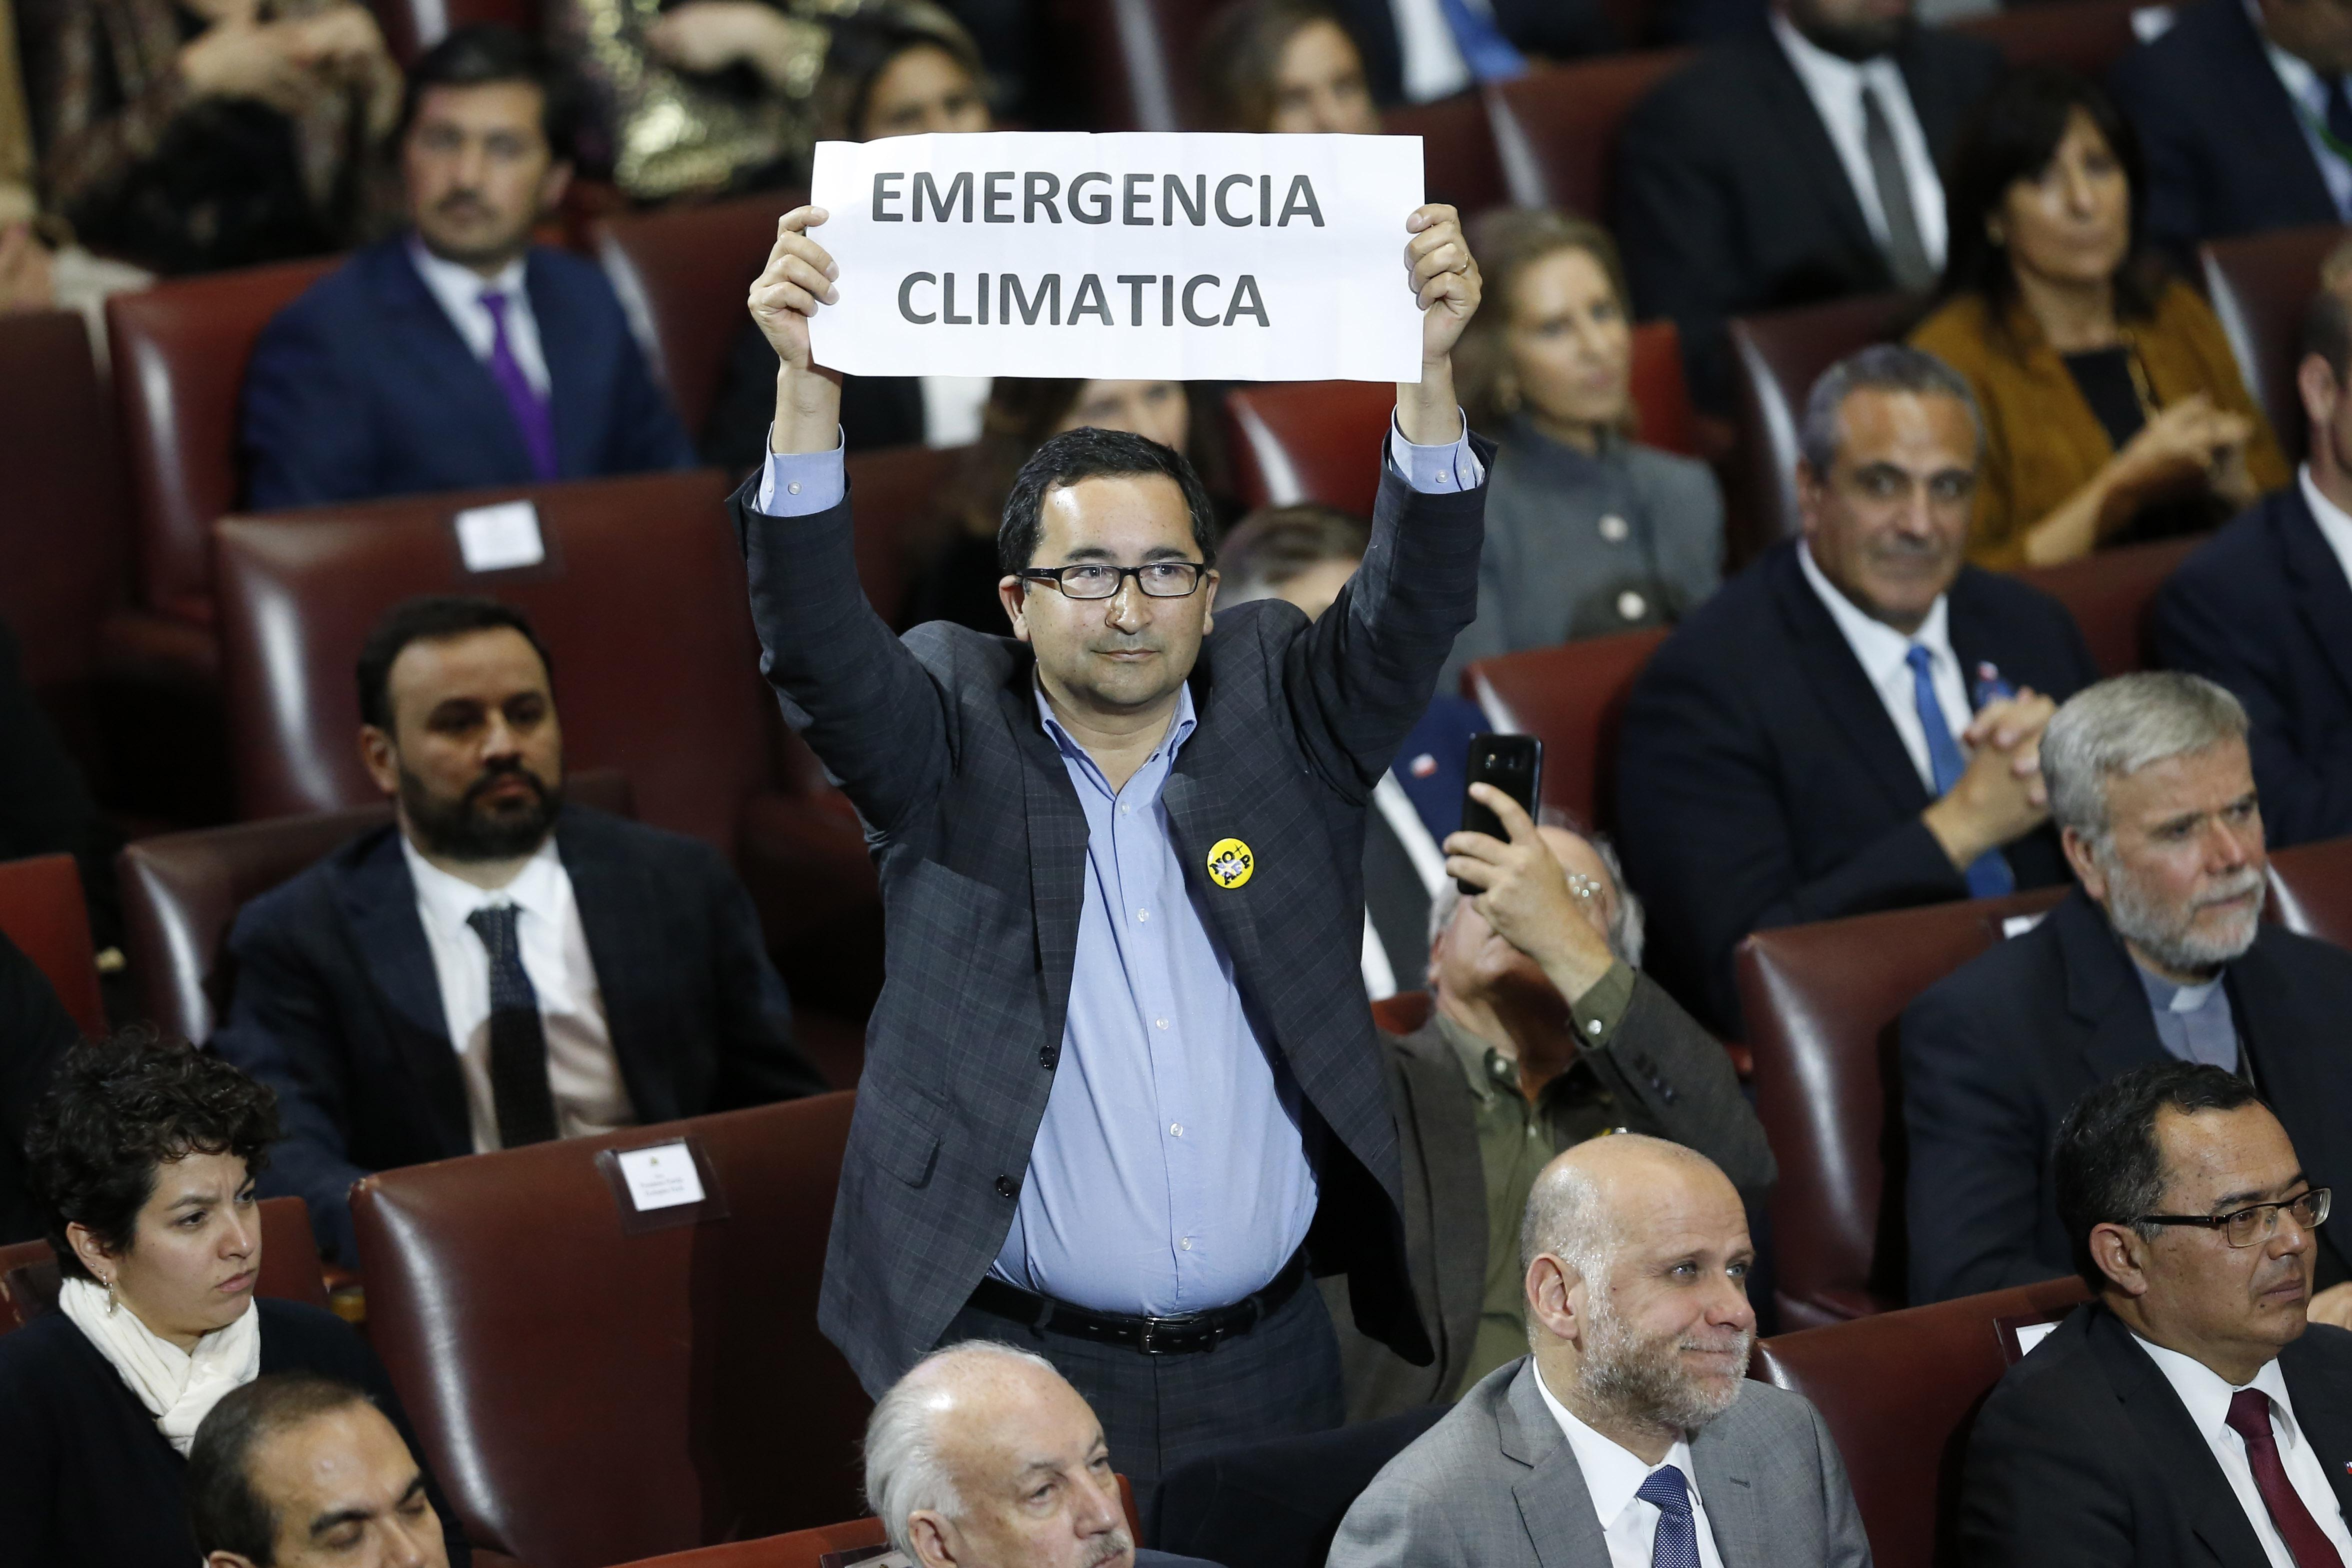 Descarbonización y Ley de Cambio Climático: los anuncios medioambientales de la cuenta pública 2019